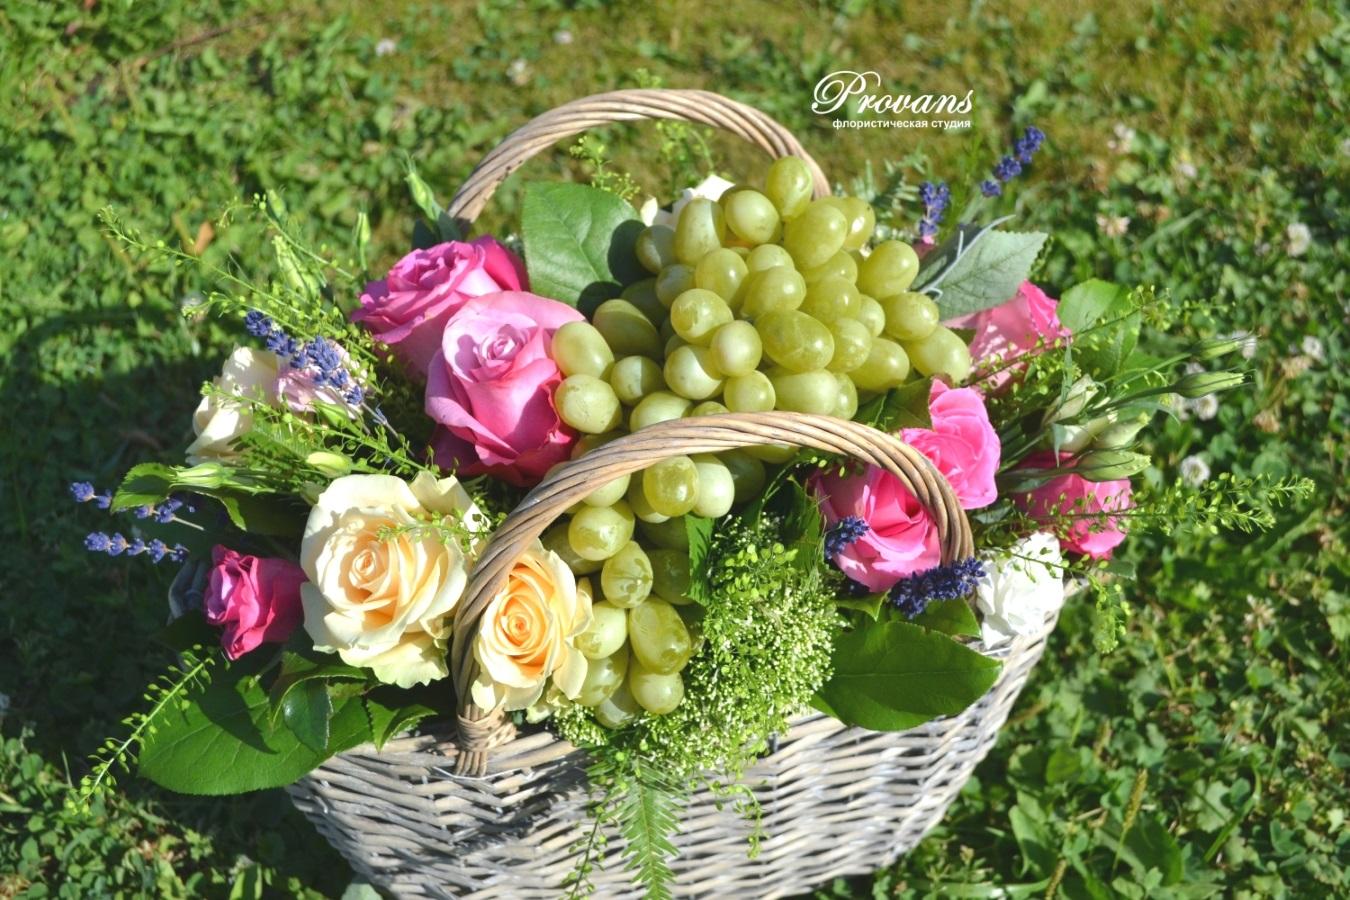 Корзина с садовыми цветами и фруктами. Розы, лаванда, эустома, виноград